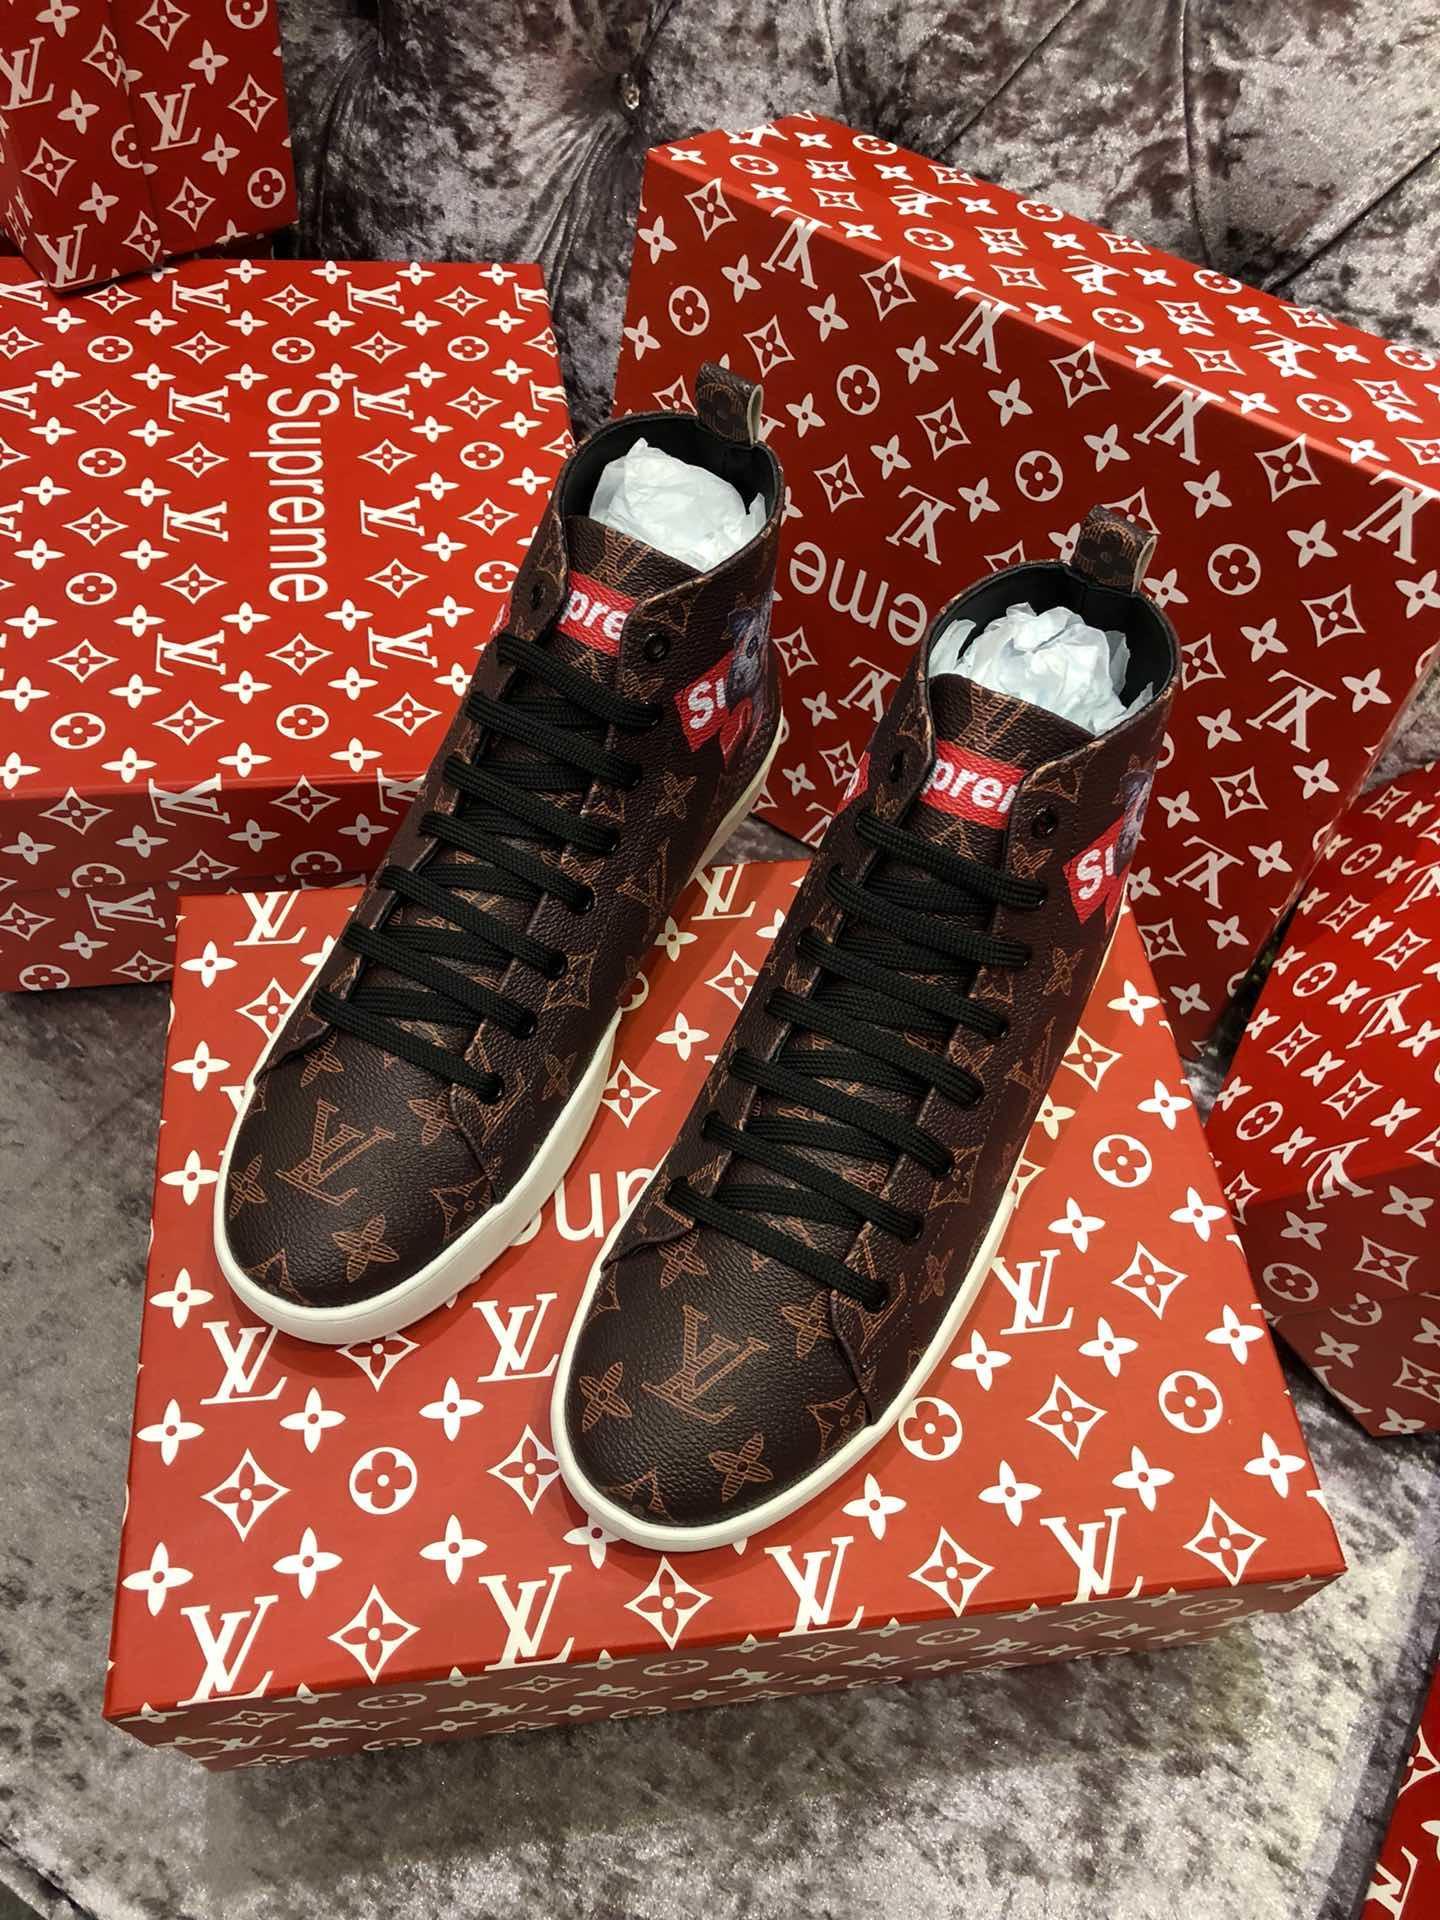 Supreme シュプリーム*ルイヴィトン靴 メンズ 日本国内発送 2色